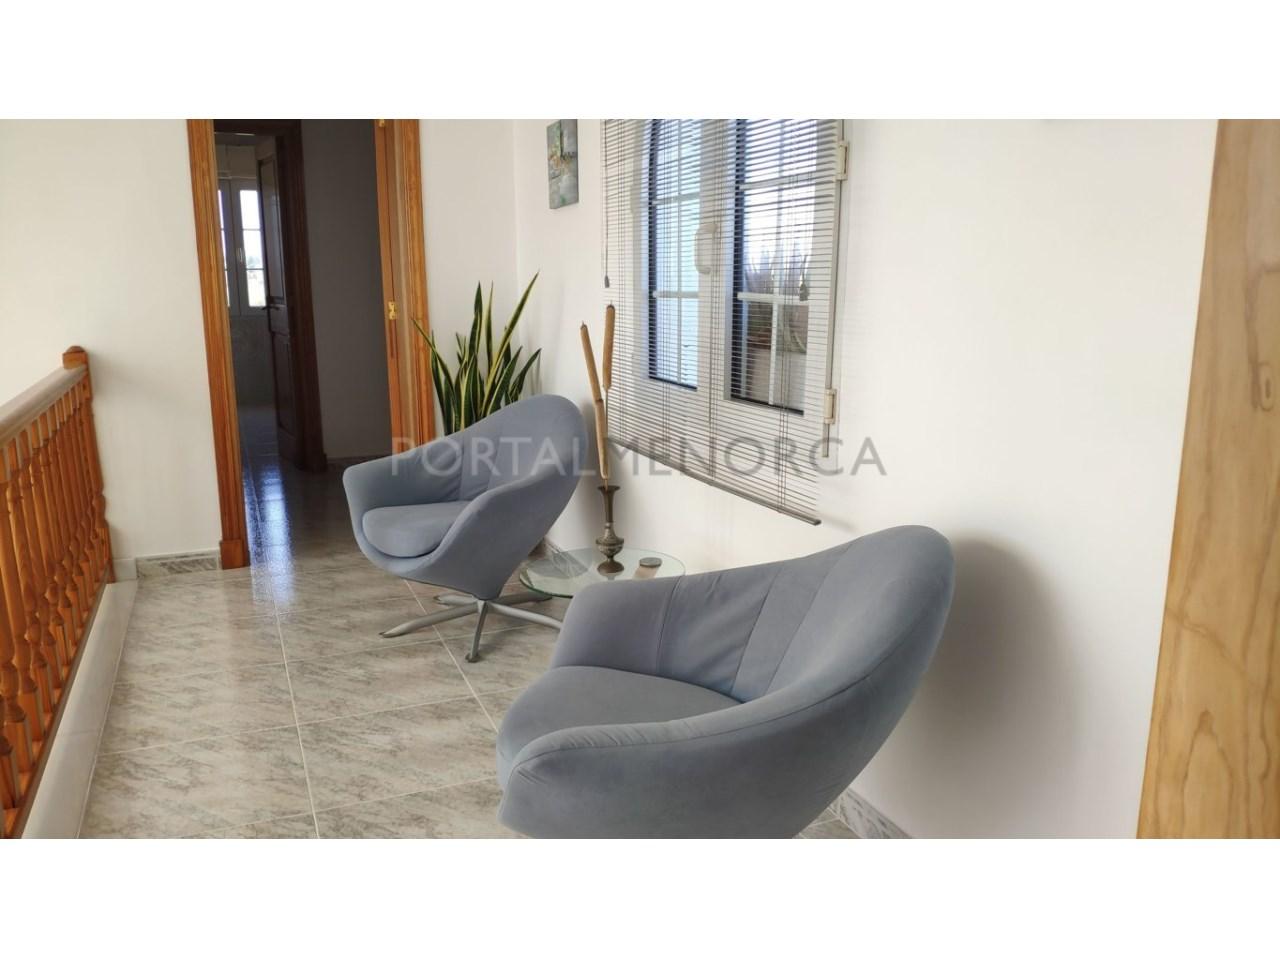 Chalet en venta en Calan Blanes con licencia turística Ciutadella Menorca - distribuidor primer piso